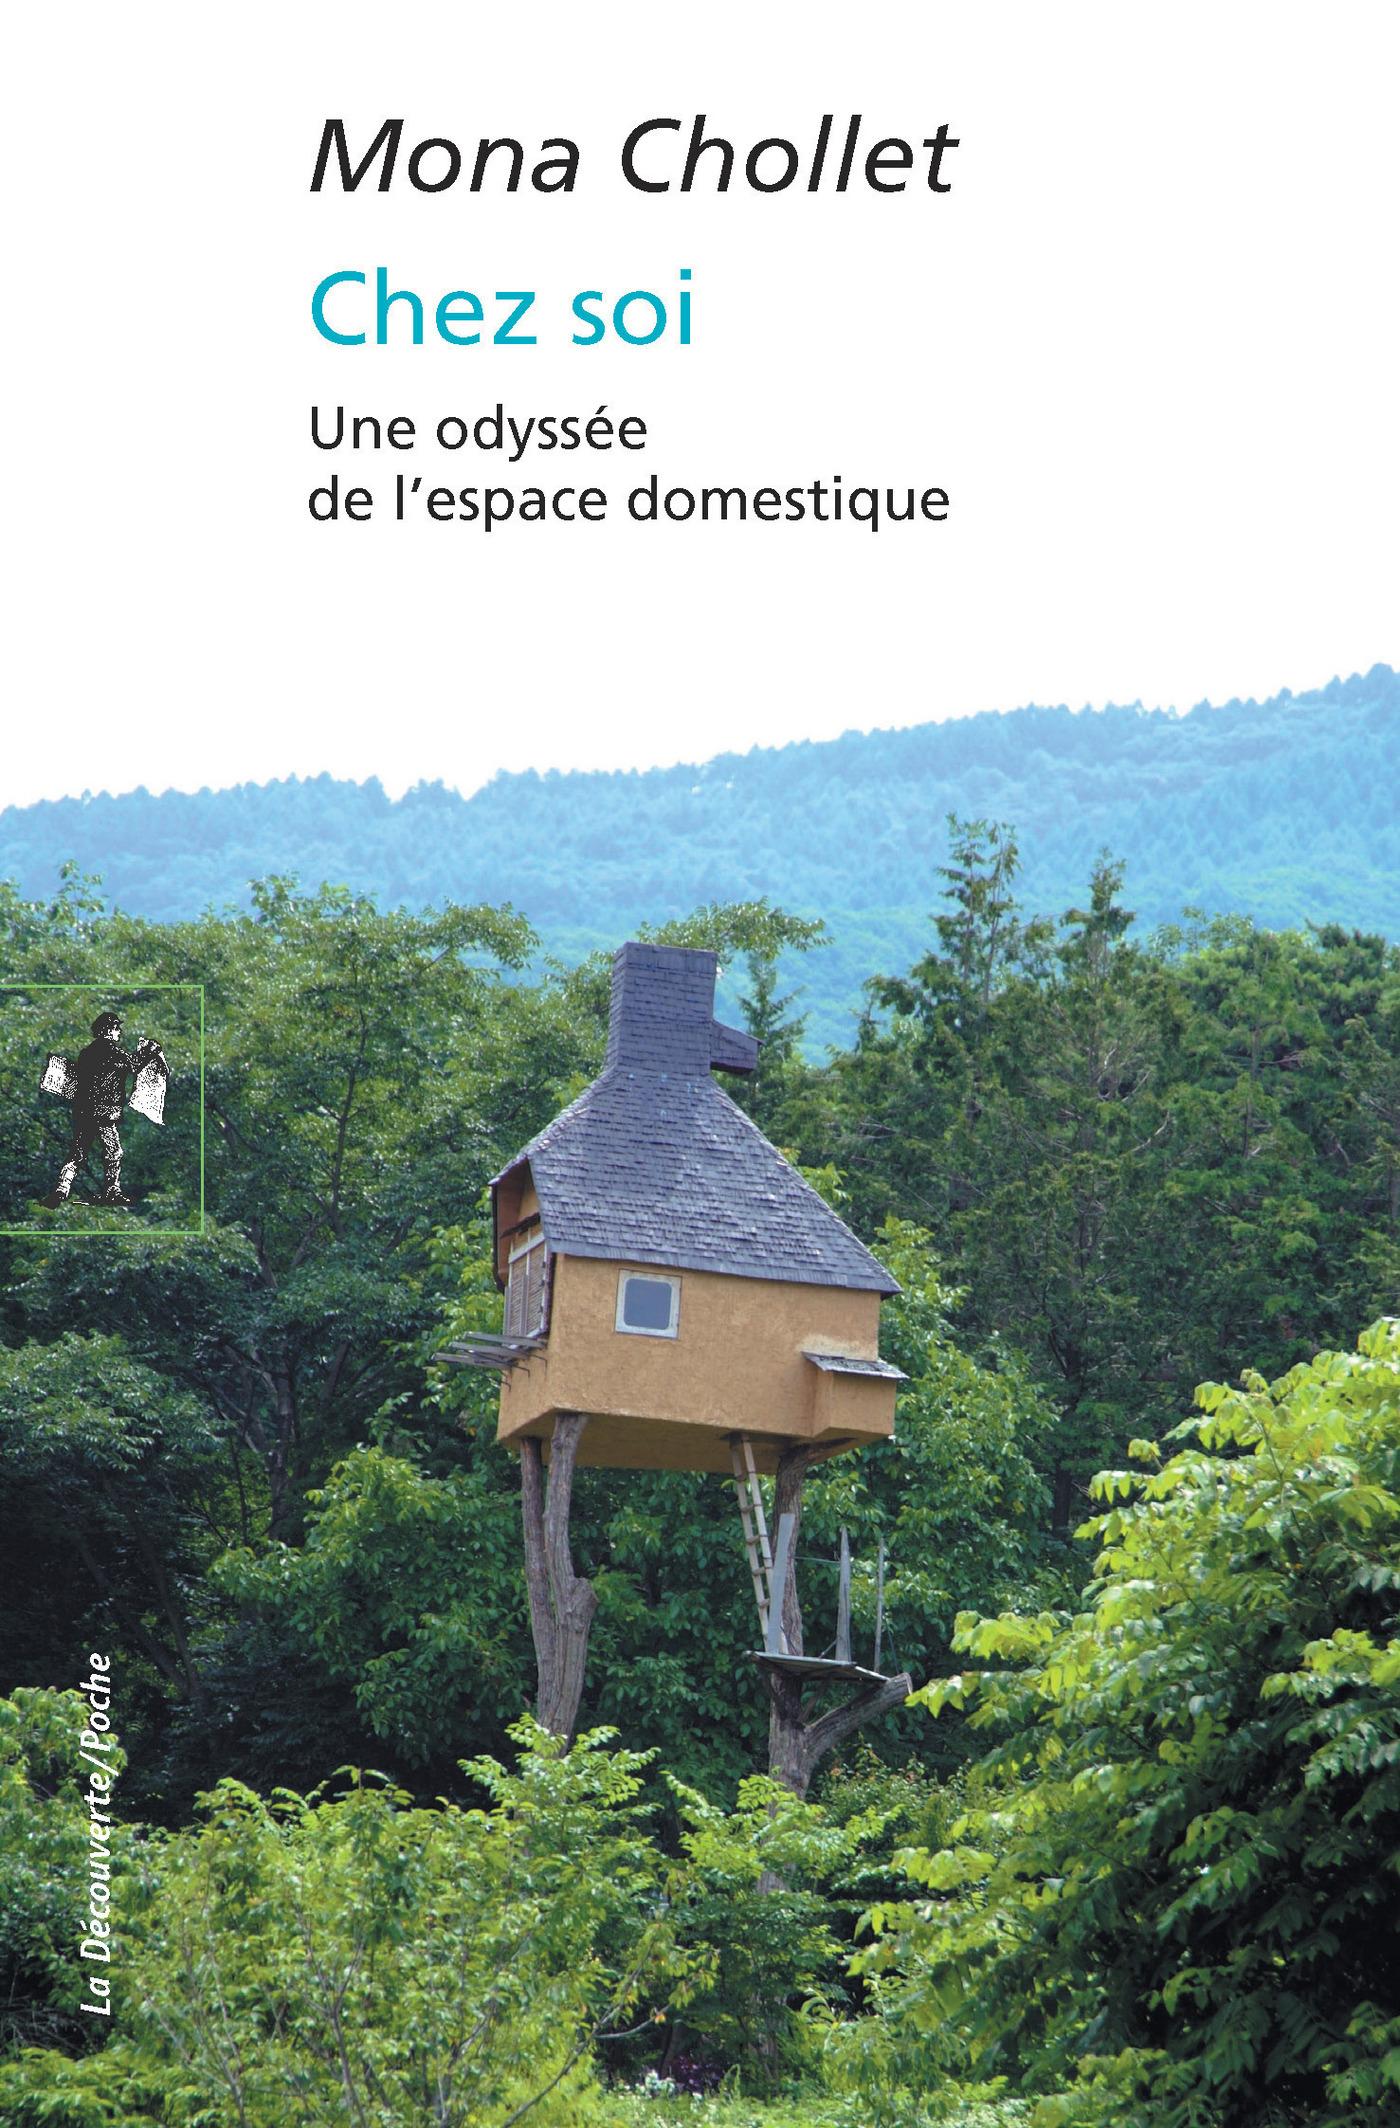 Chez soi | CHOLLET, Mona